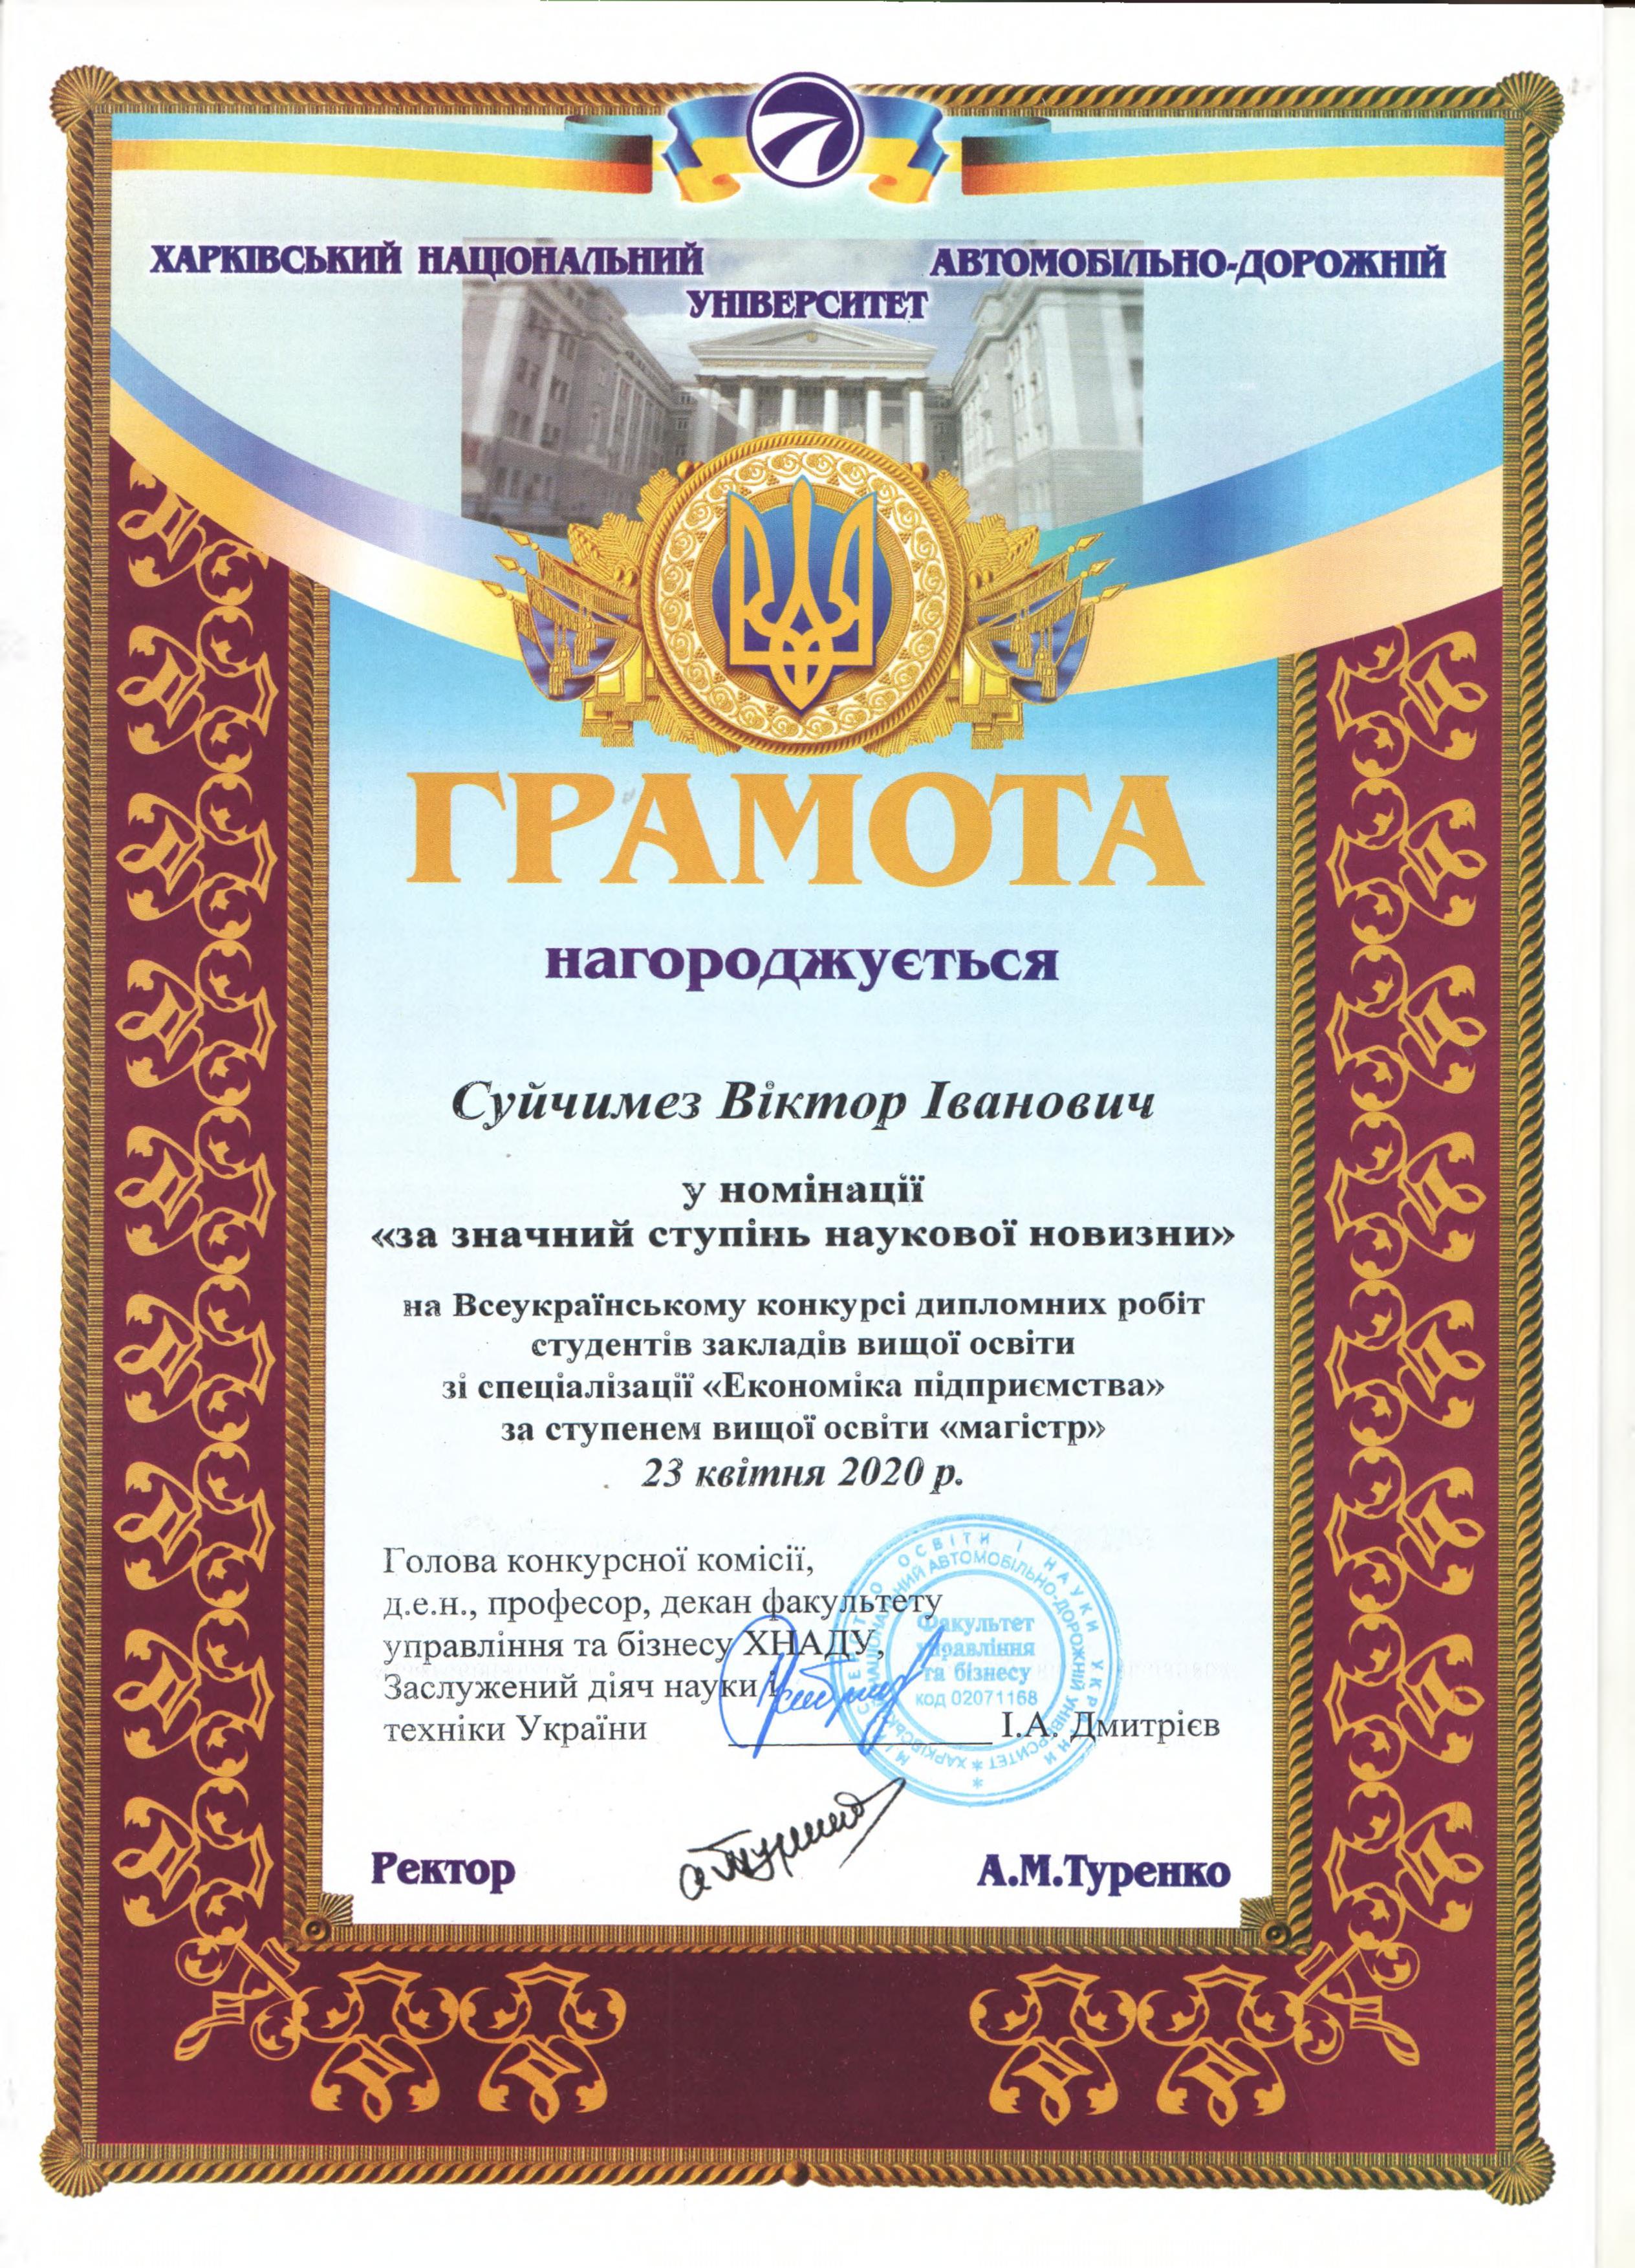 грамота конкурс дипломних робіт Економіка підприємства Суйчимез